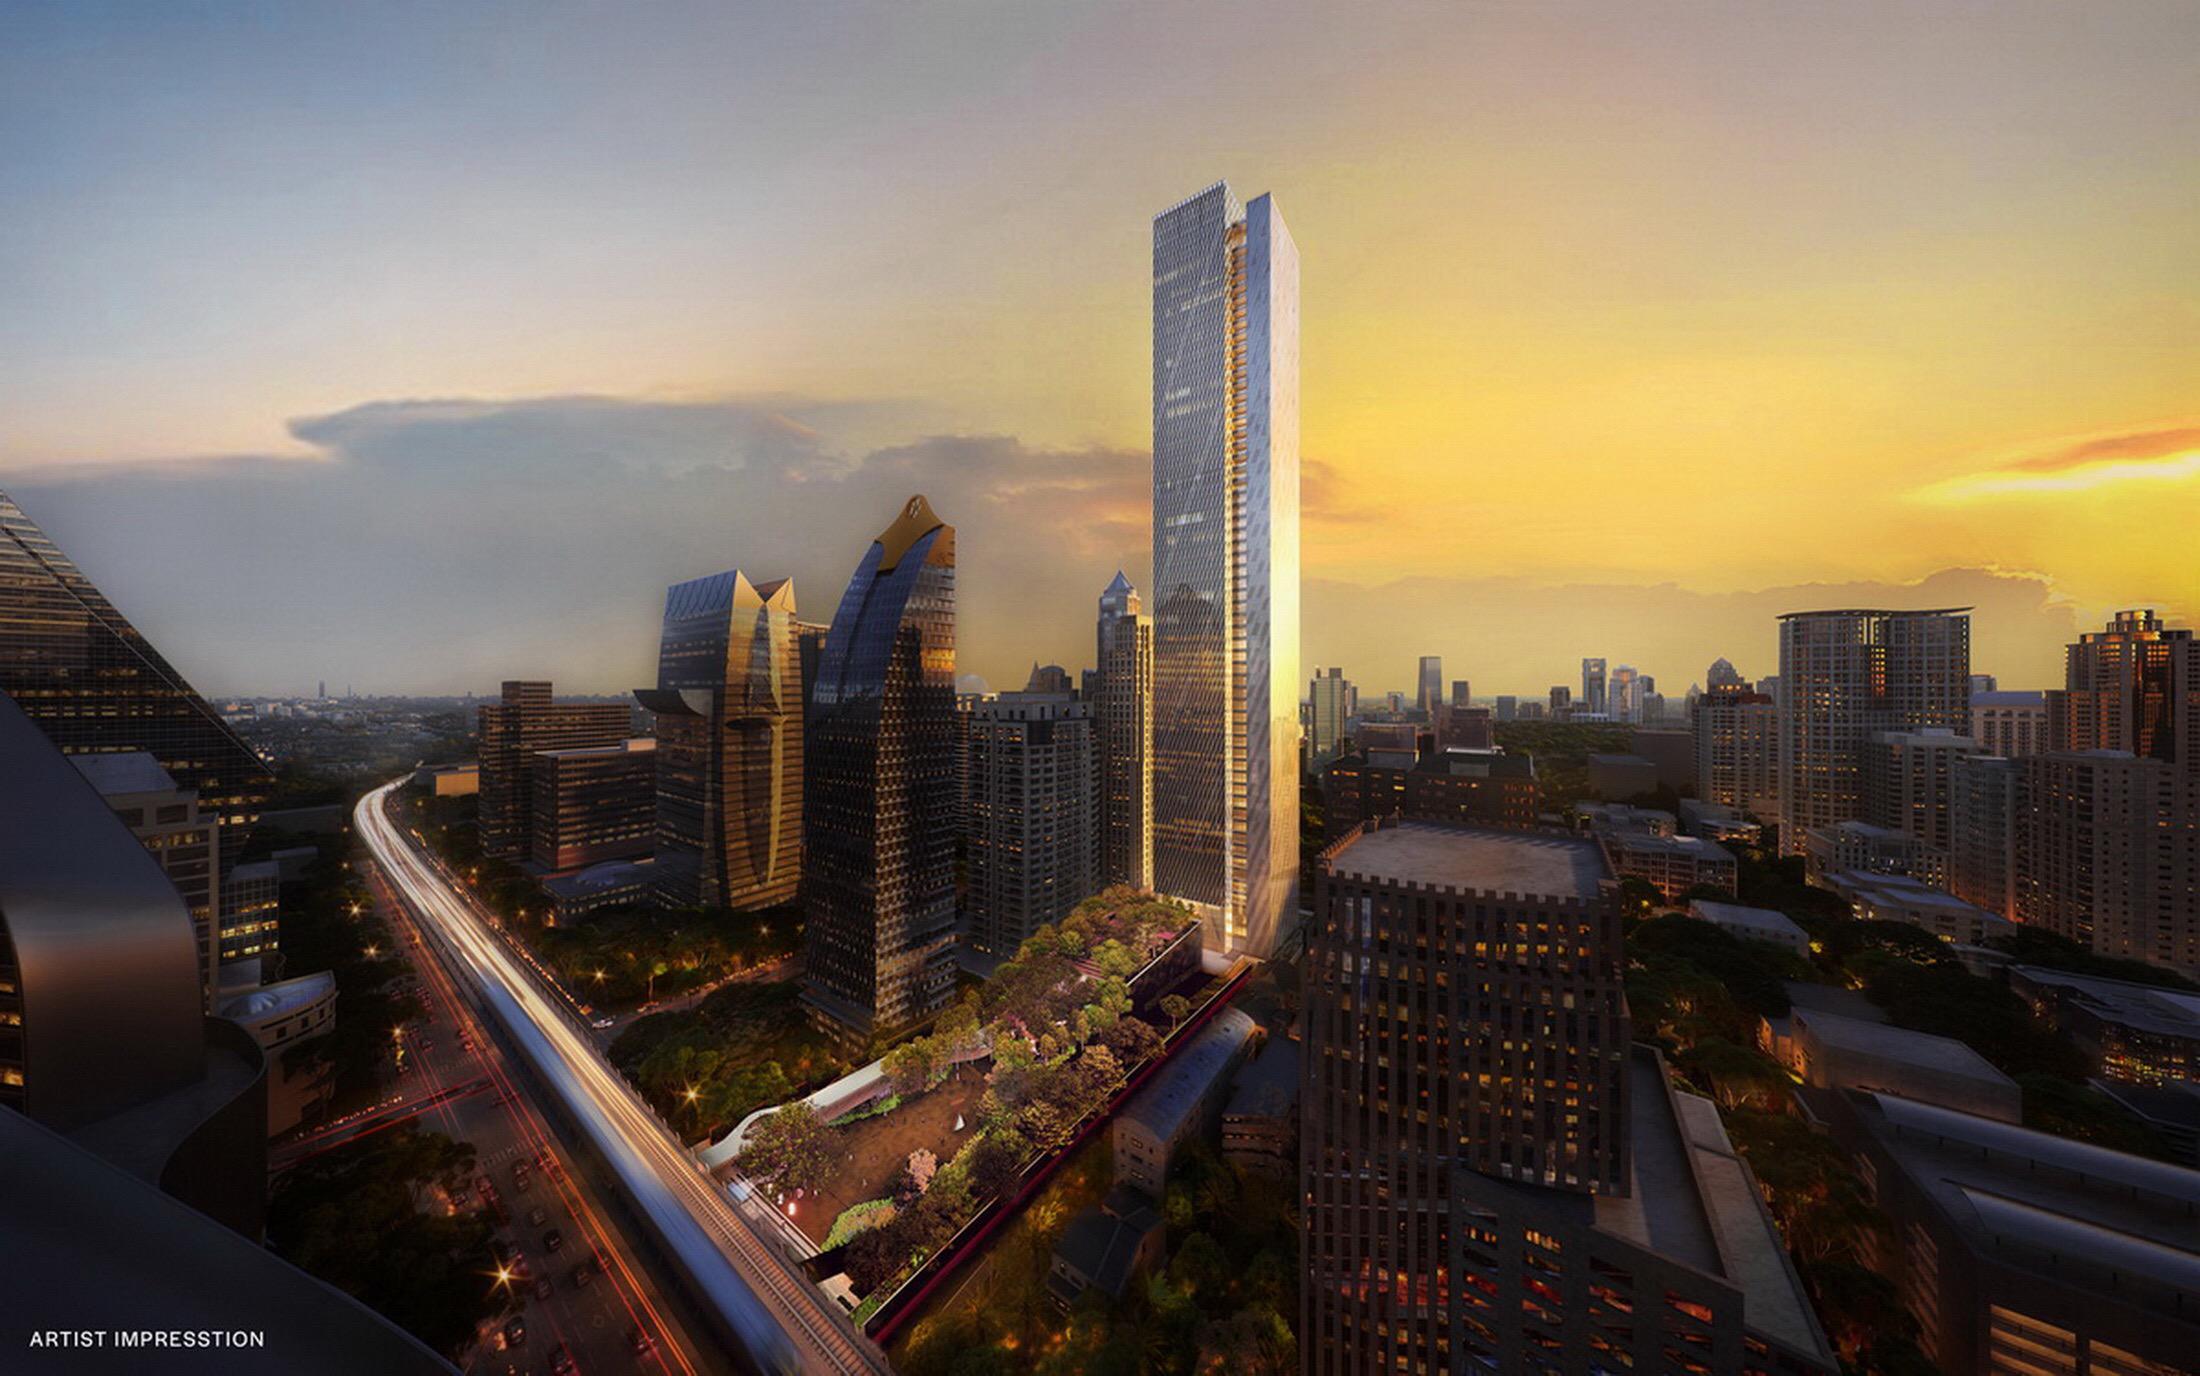 รูปบทความ One City Centre อาคารสำนักงานเกรดเอแห่งใหม่ บนความร่วมมือ ไรมอนแลนด์ และ MITSUBISHI ESTATE